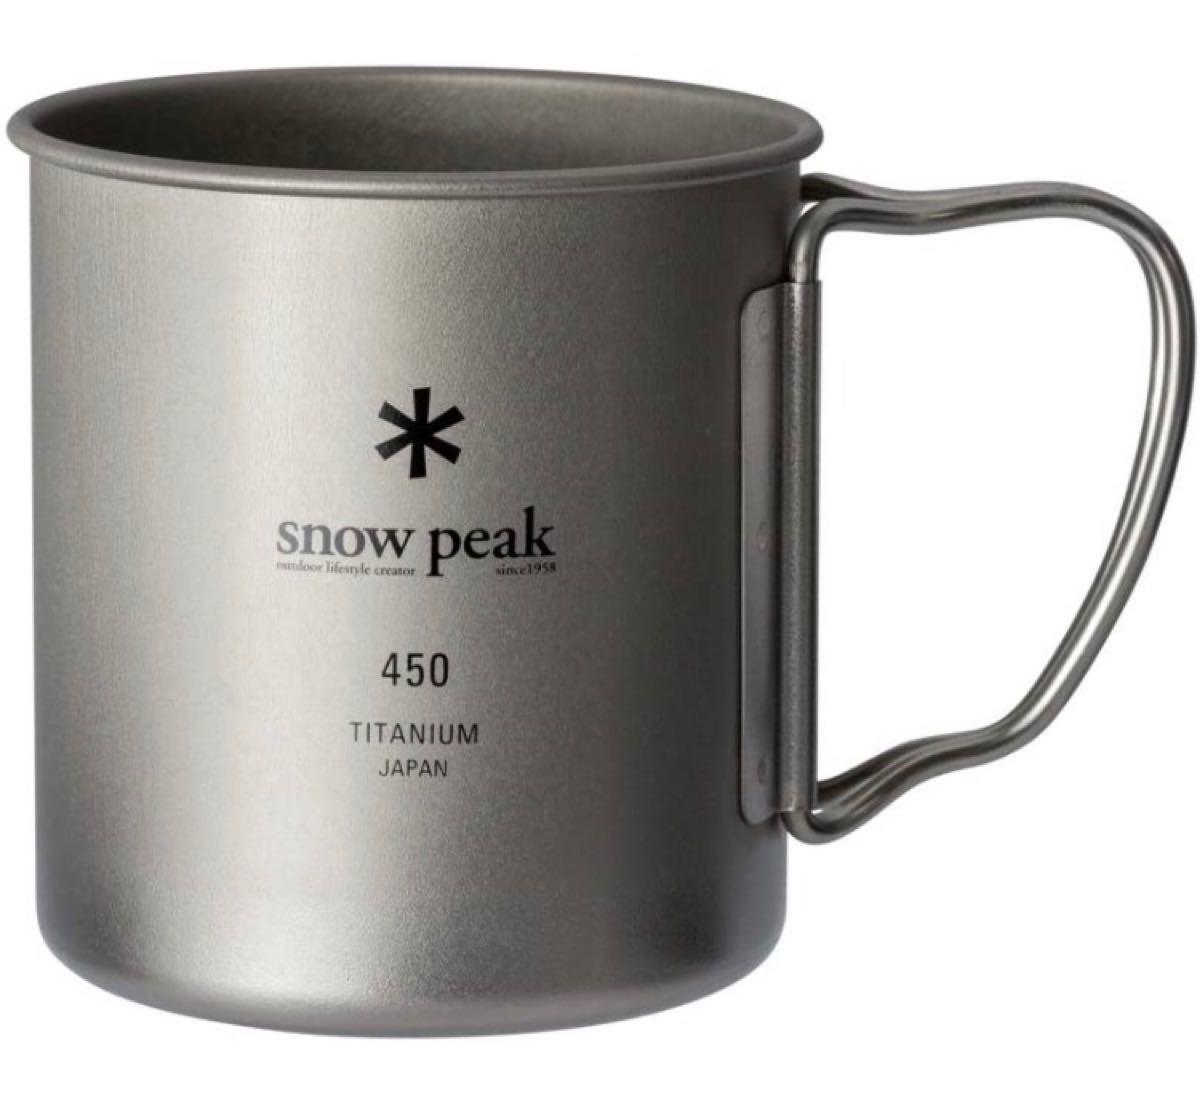 スノーピーク チタンシングルマグ 300 450 2個ずつ   4個セット 新品 未使用 snow peak